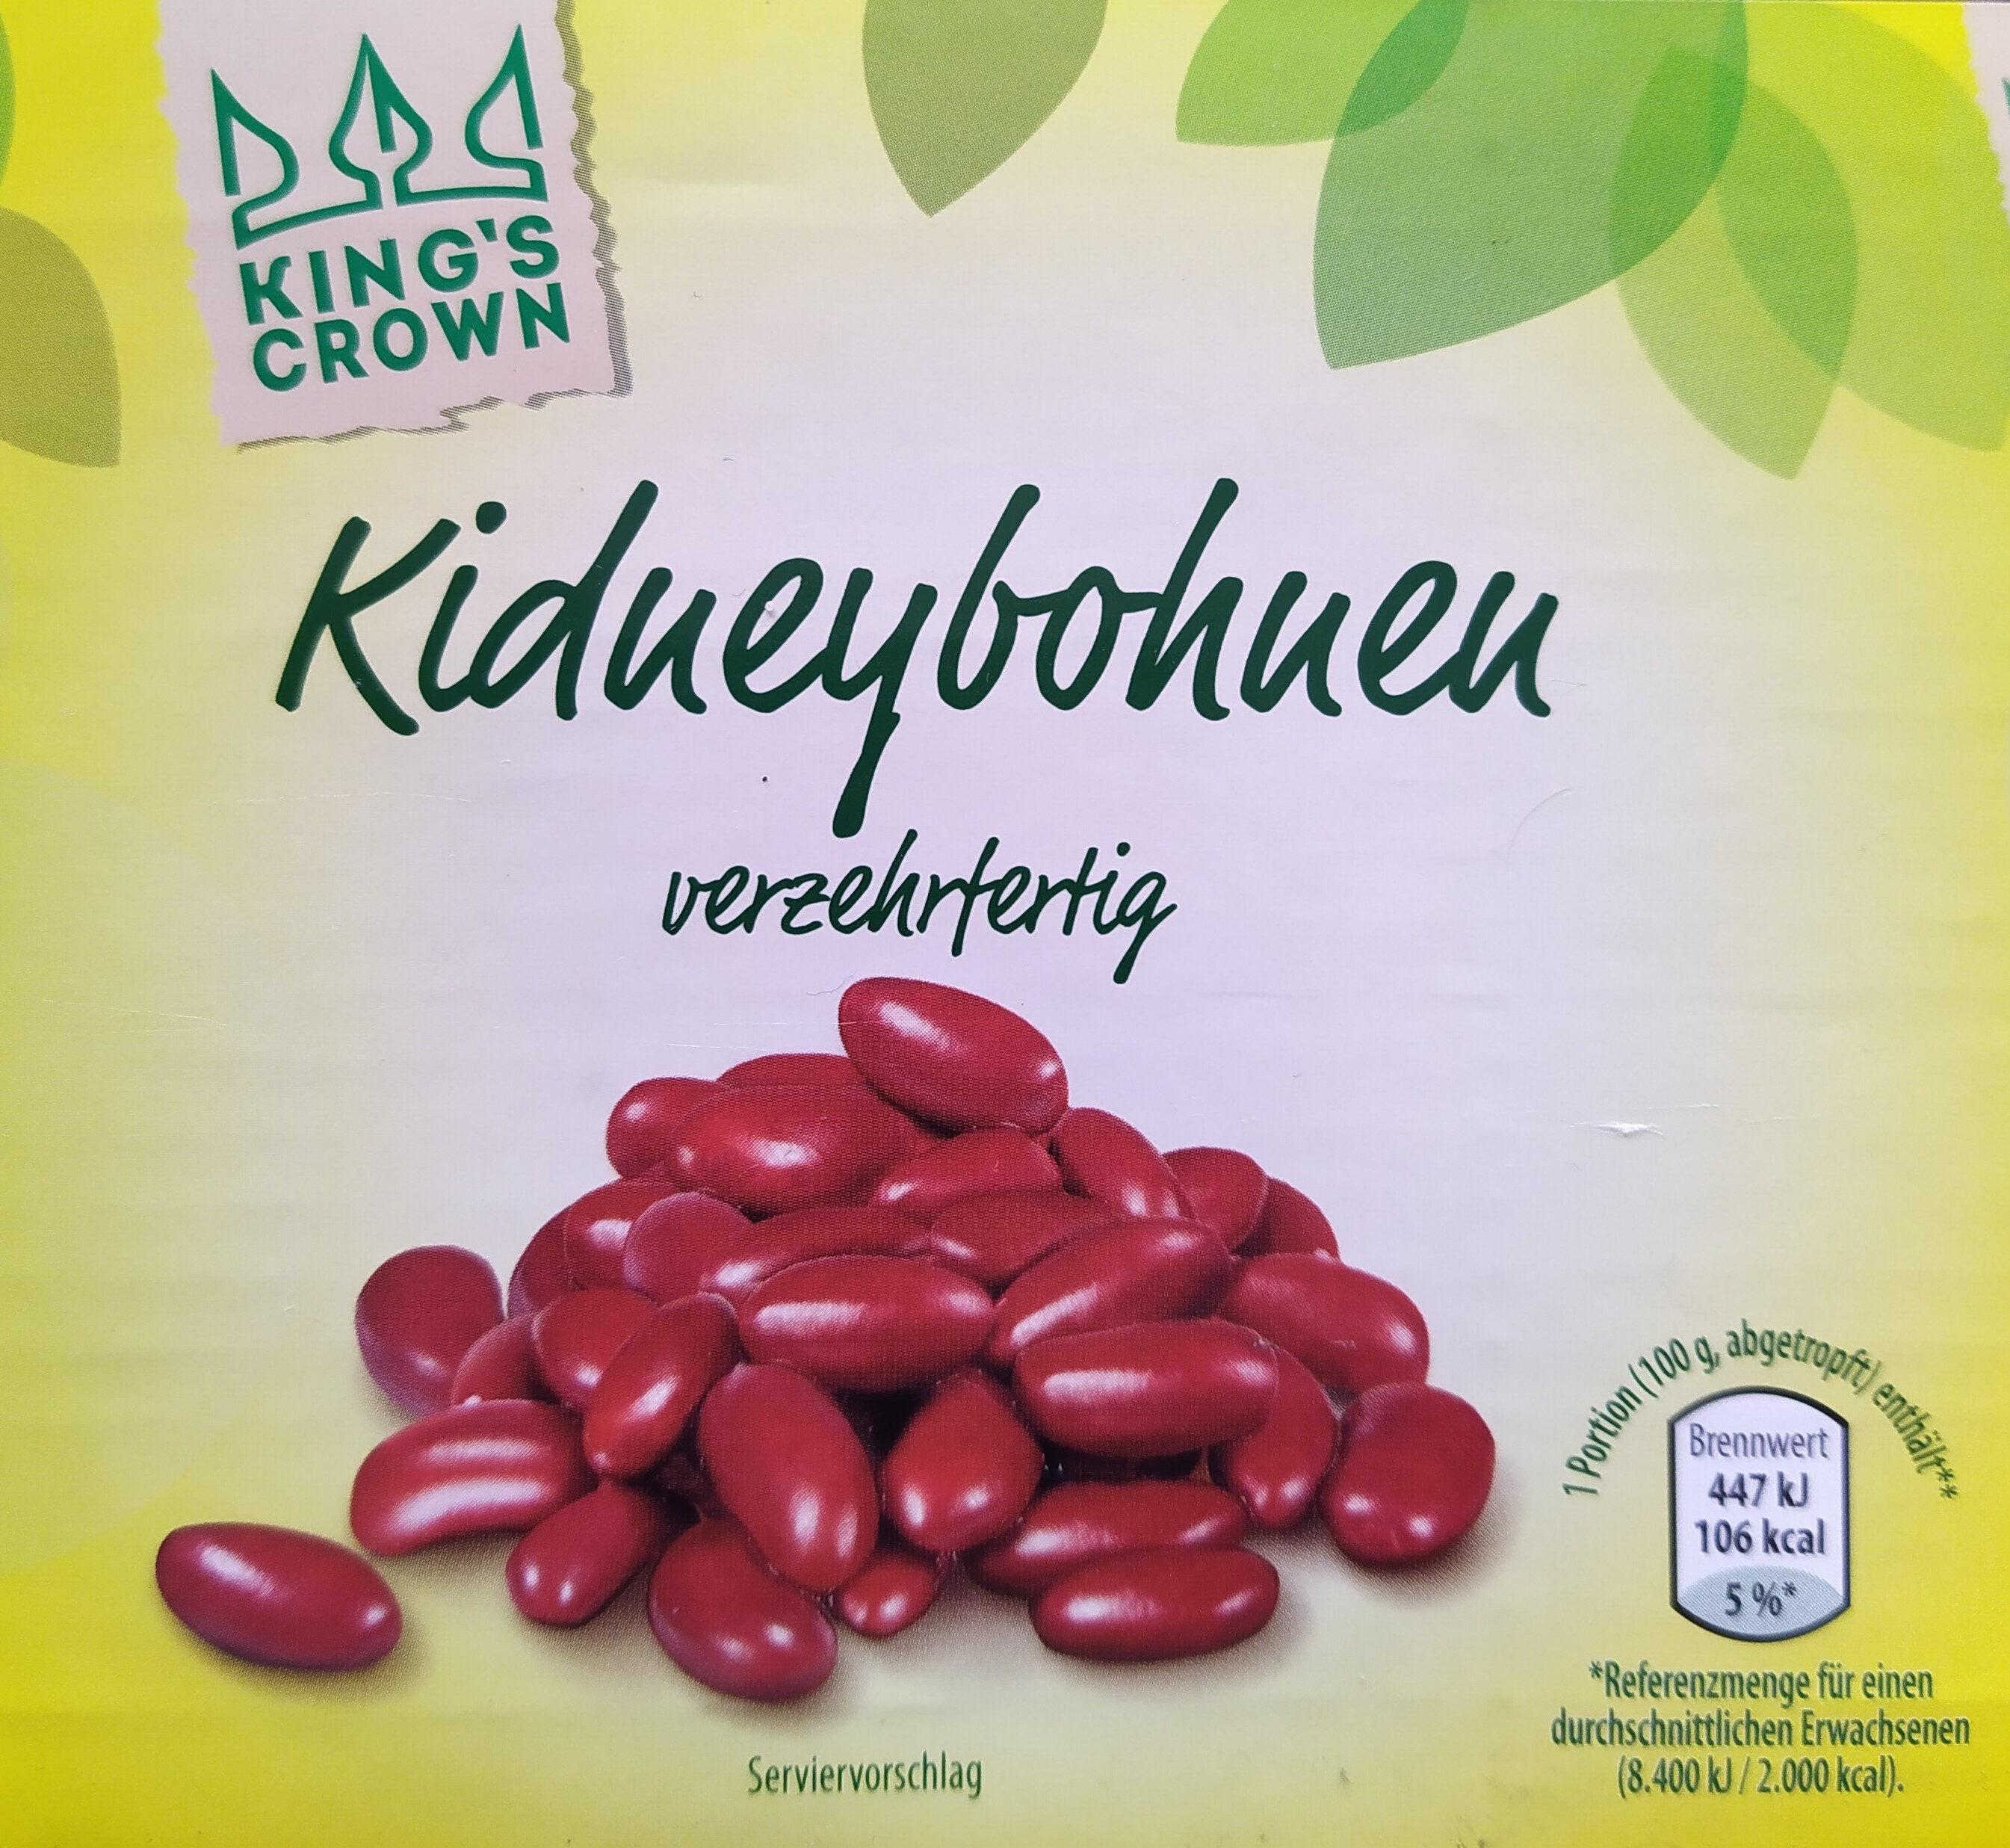 Kidneybohnen - Produit - de